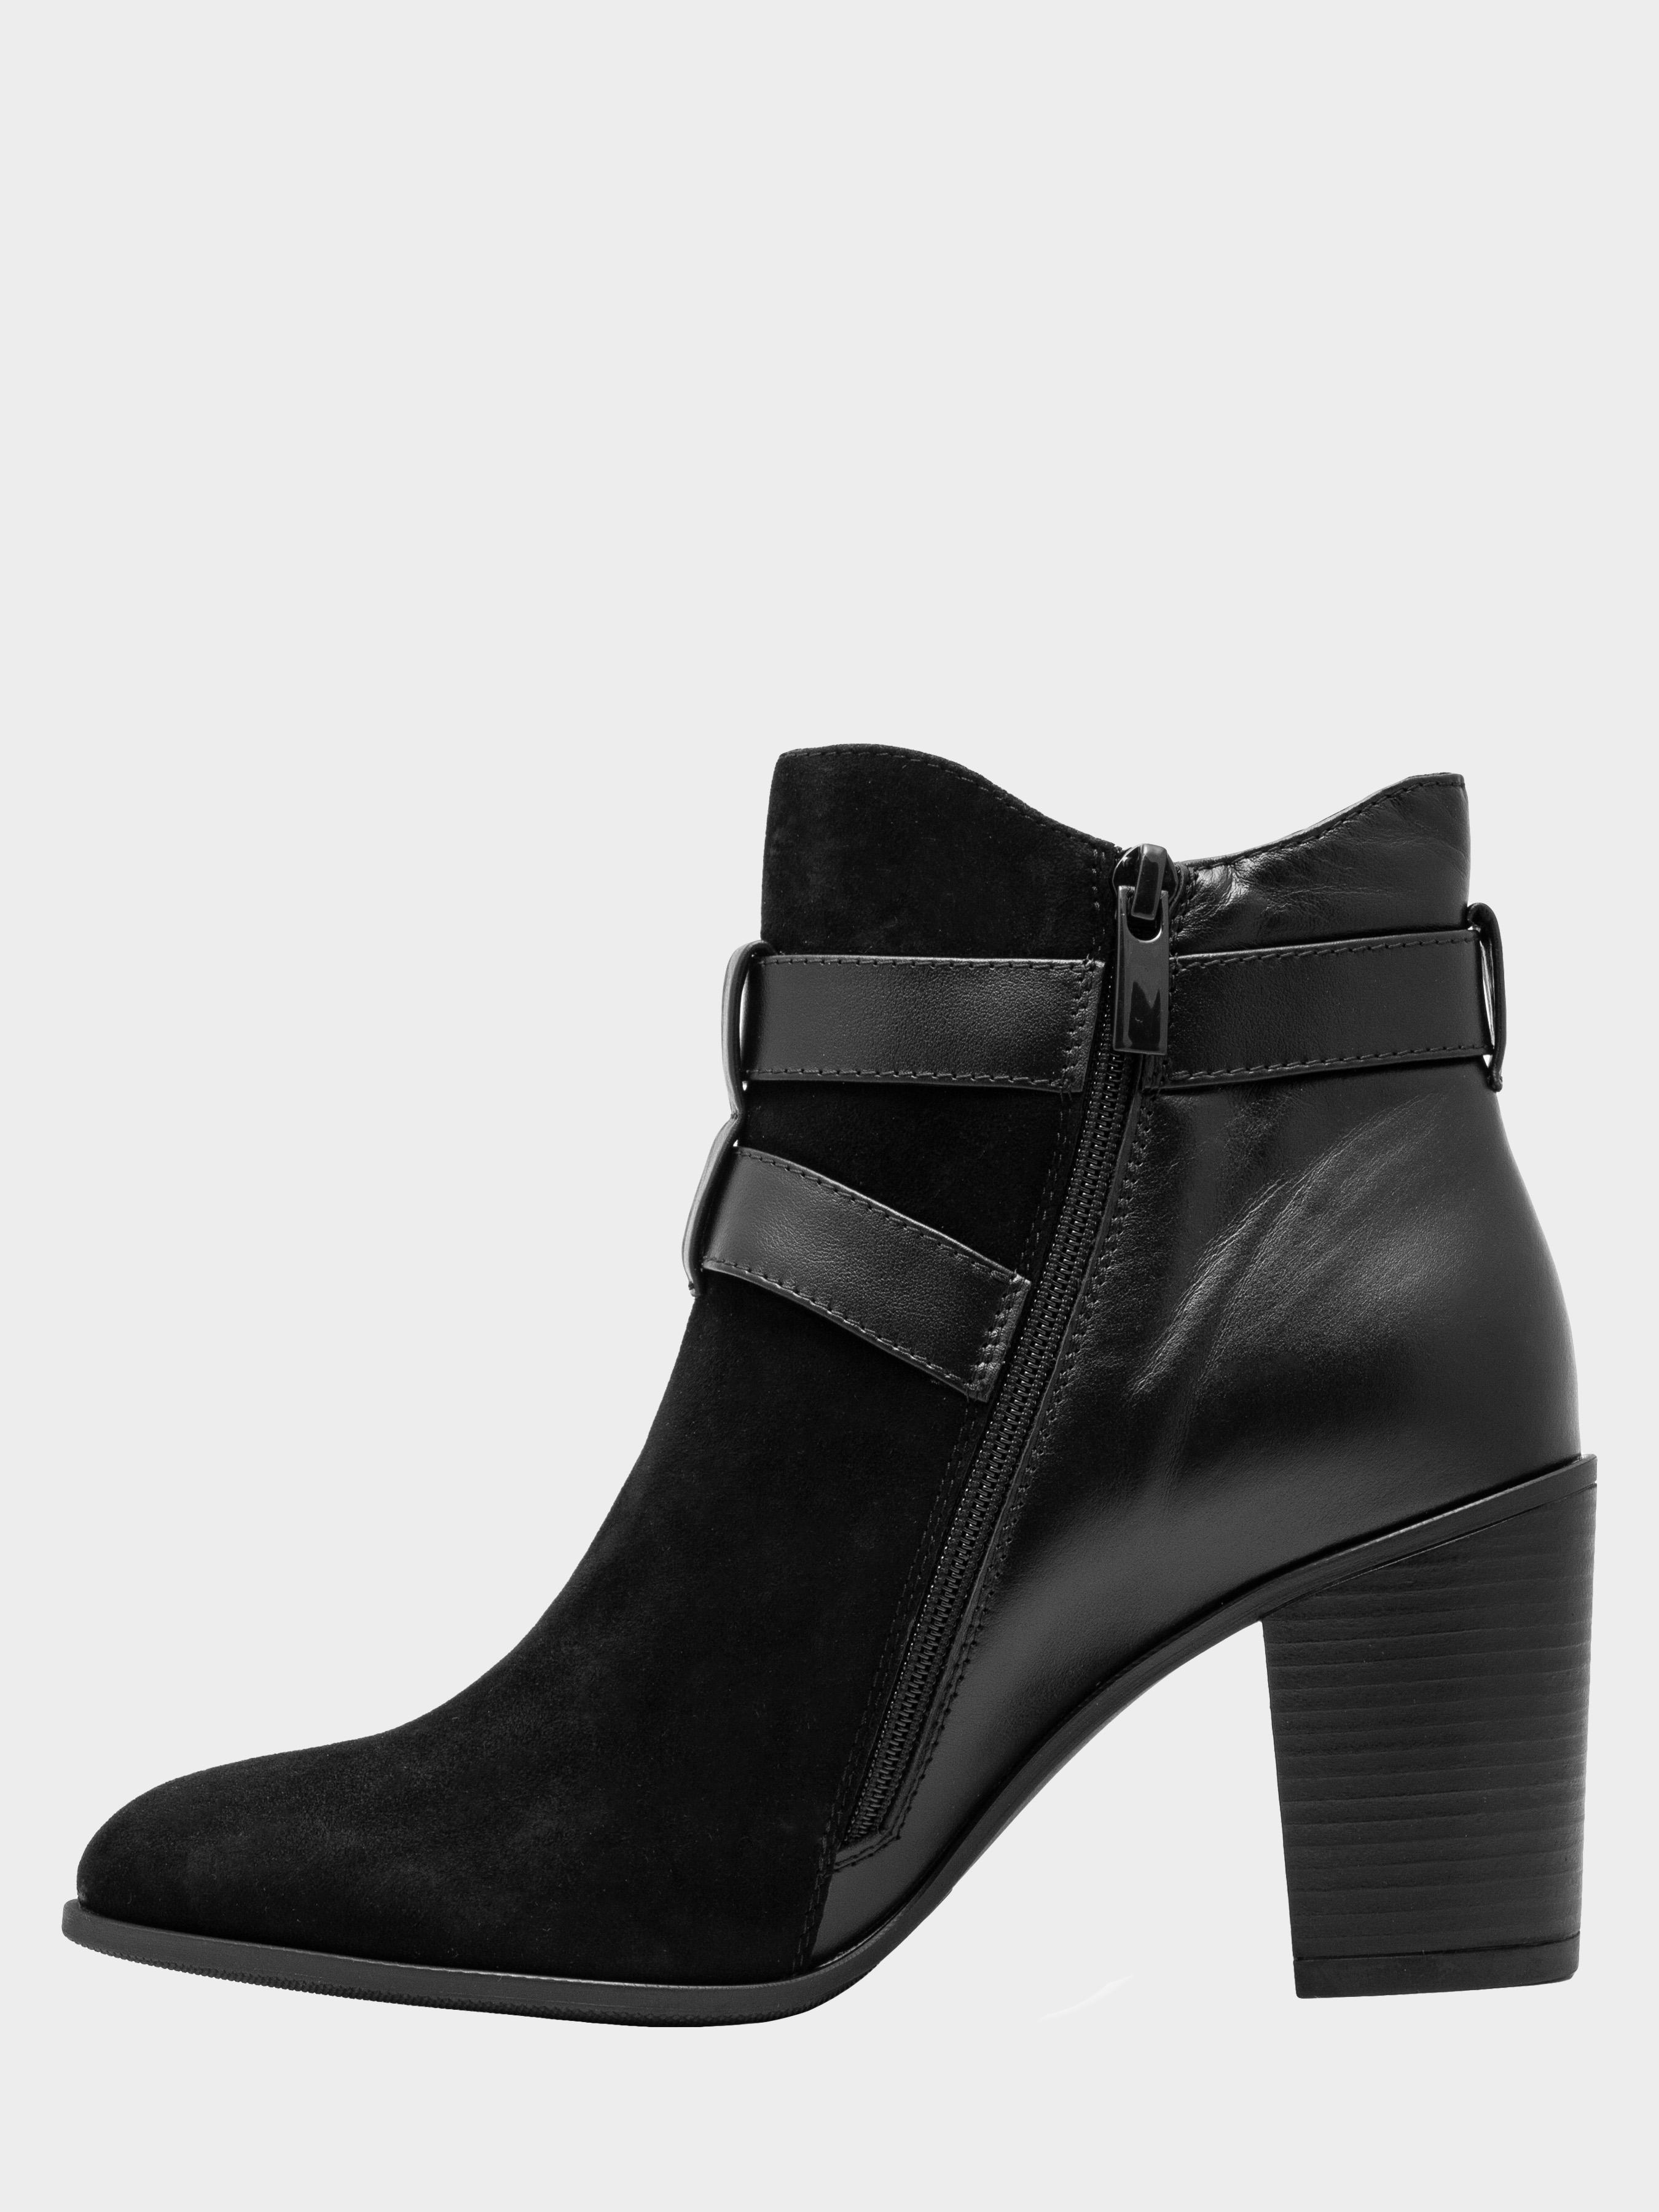 Ботинки для женщин Ботинки женские ENZO VERRATTI 18-9695-3bl брендовая обувь, 2017